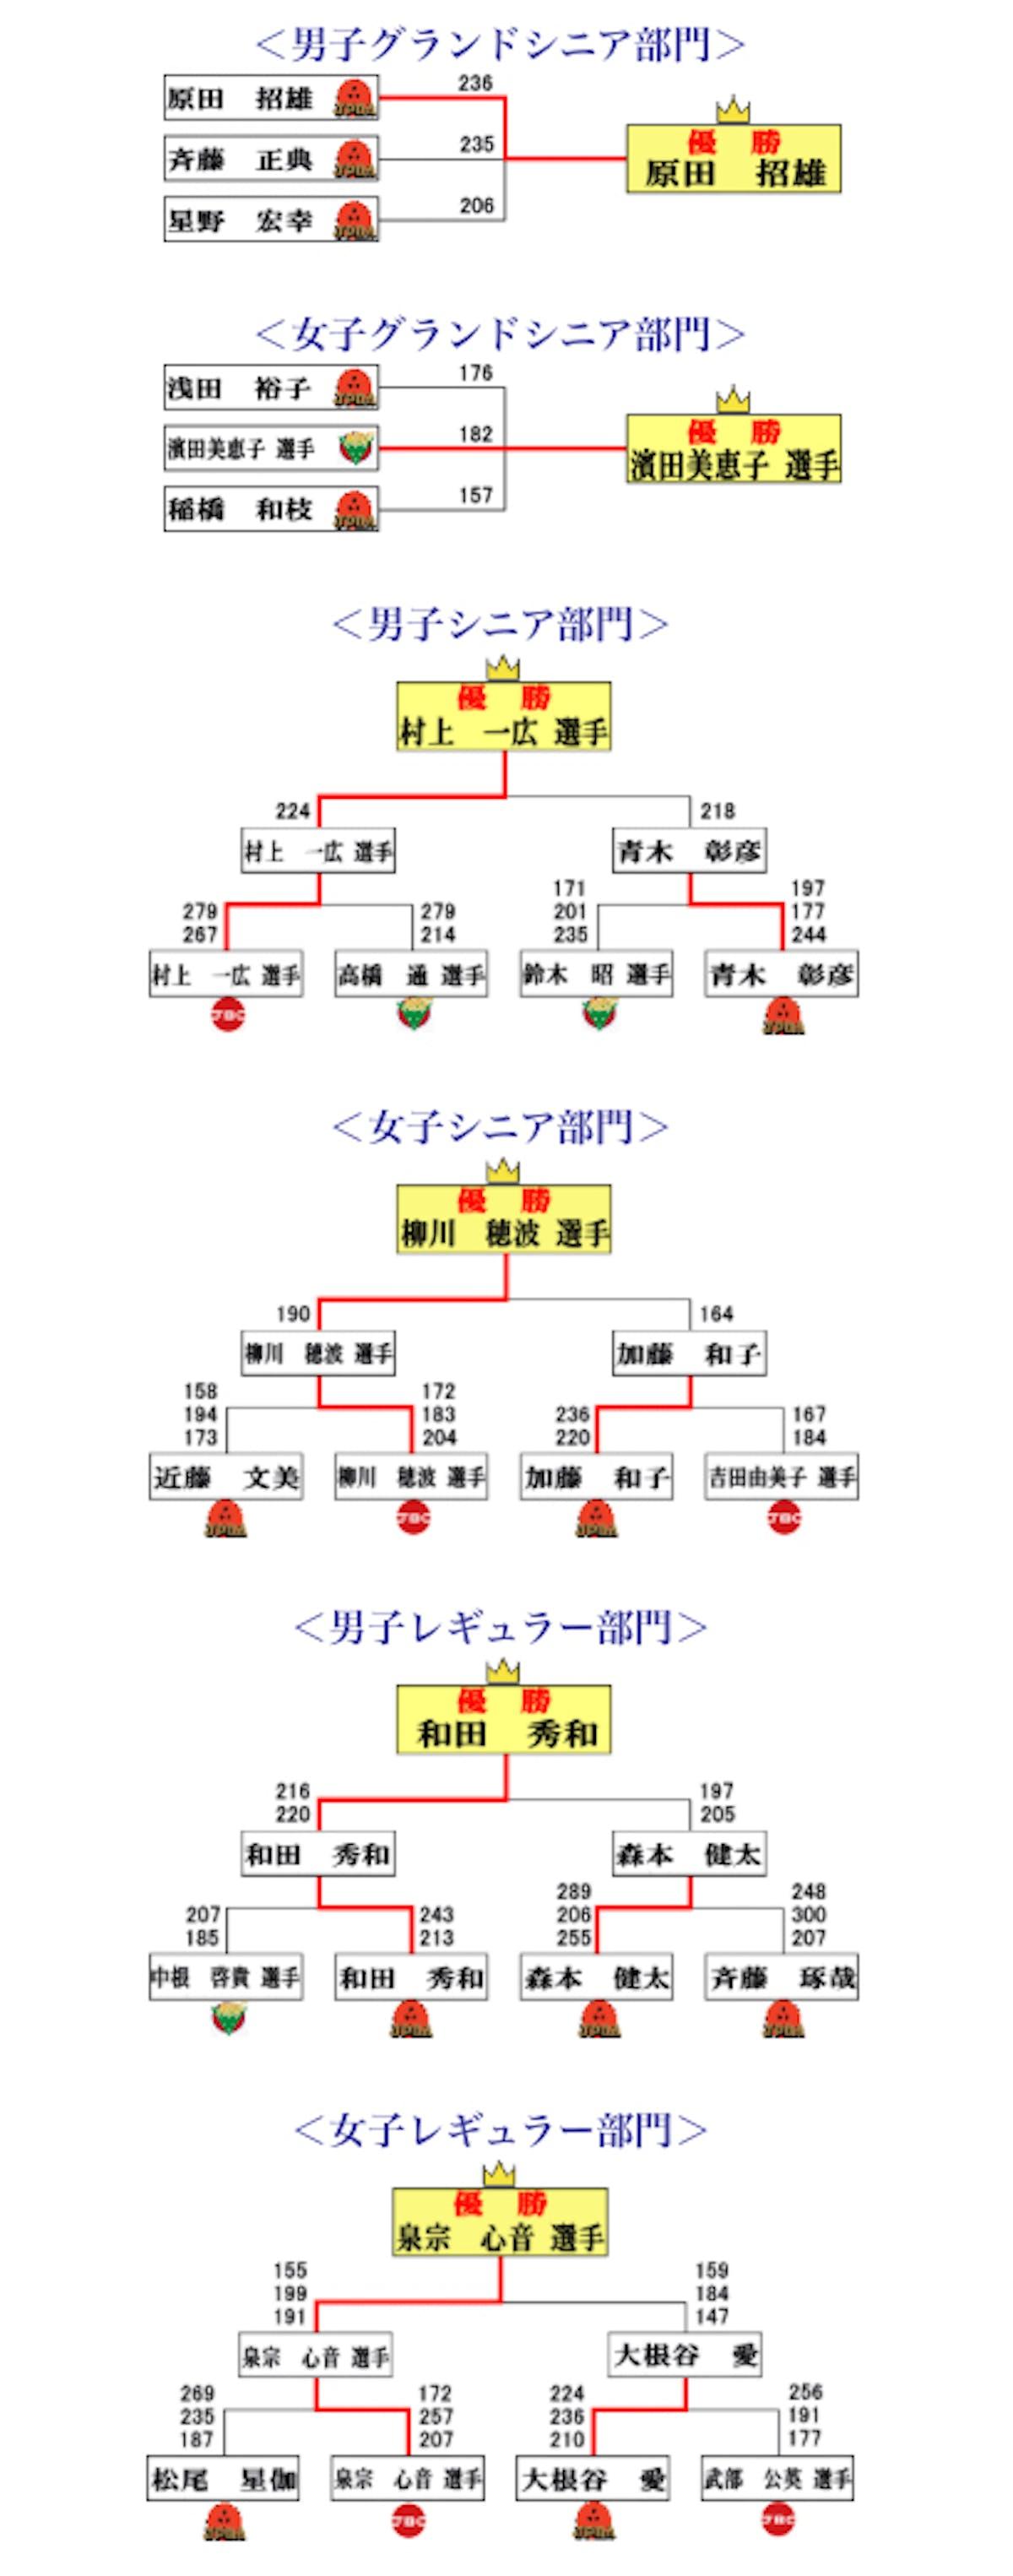 6FB2D2AD-8736-4F98-8237-3E8066FD7A97.jpeg